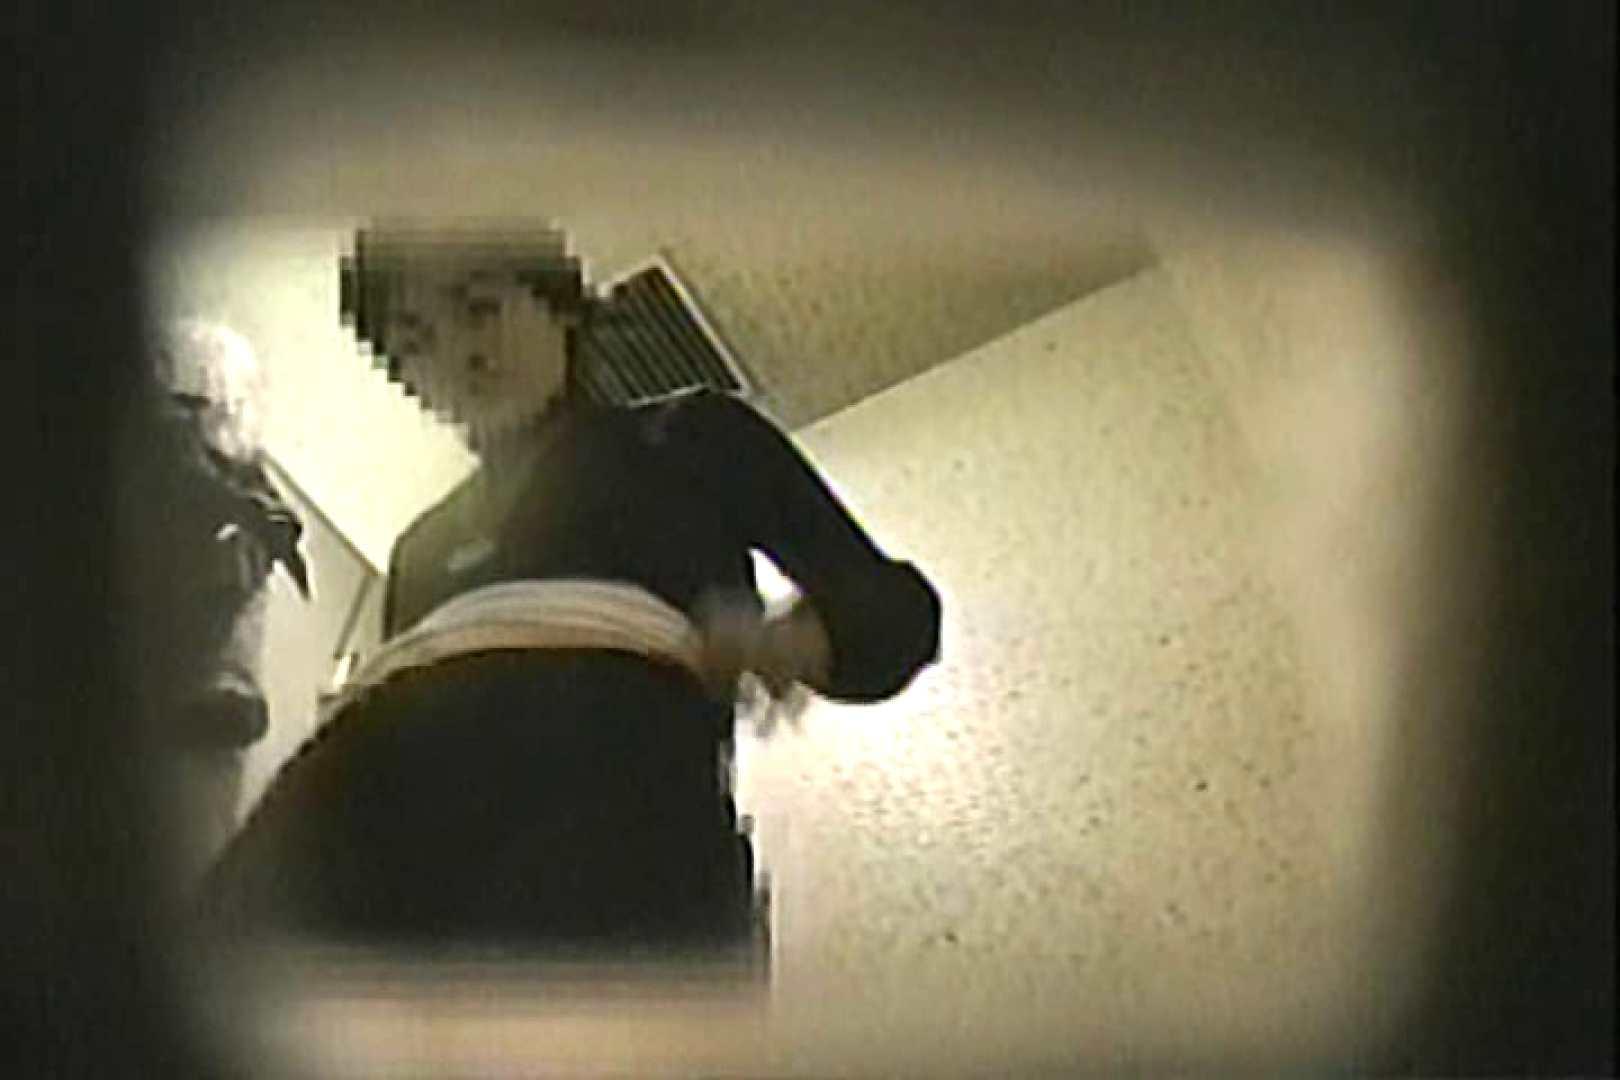 女子洗面所盗撮 今度の2カメは若い子だらけ  TK-127 S級美女ギャル AV無料 91画像 2